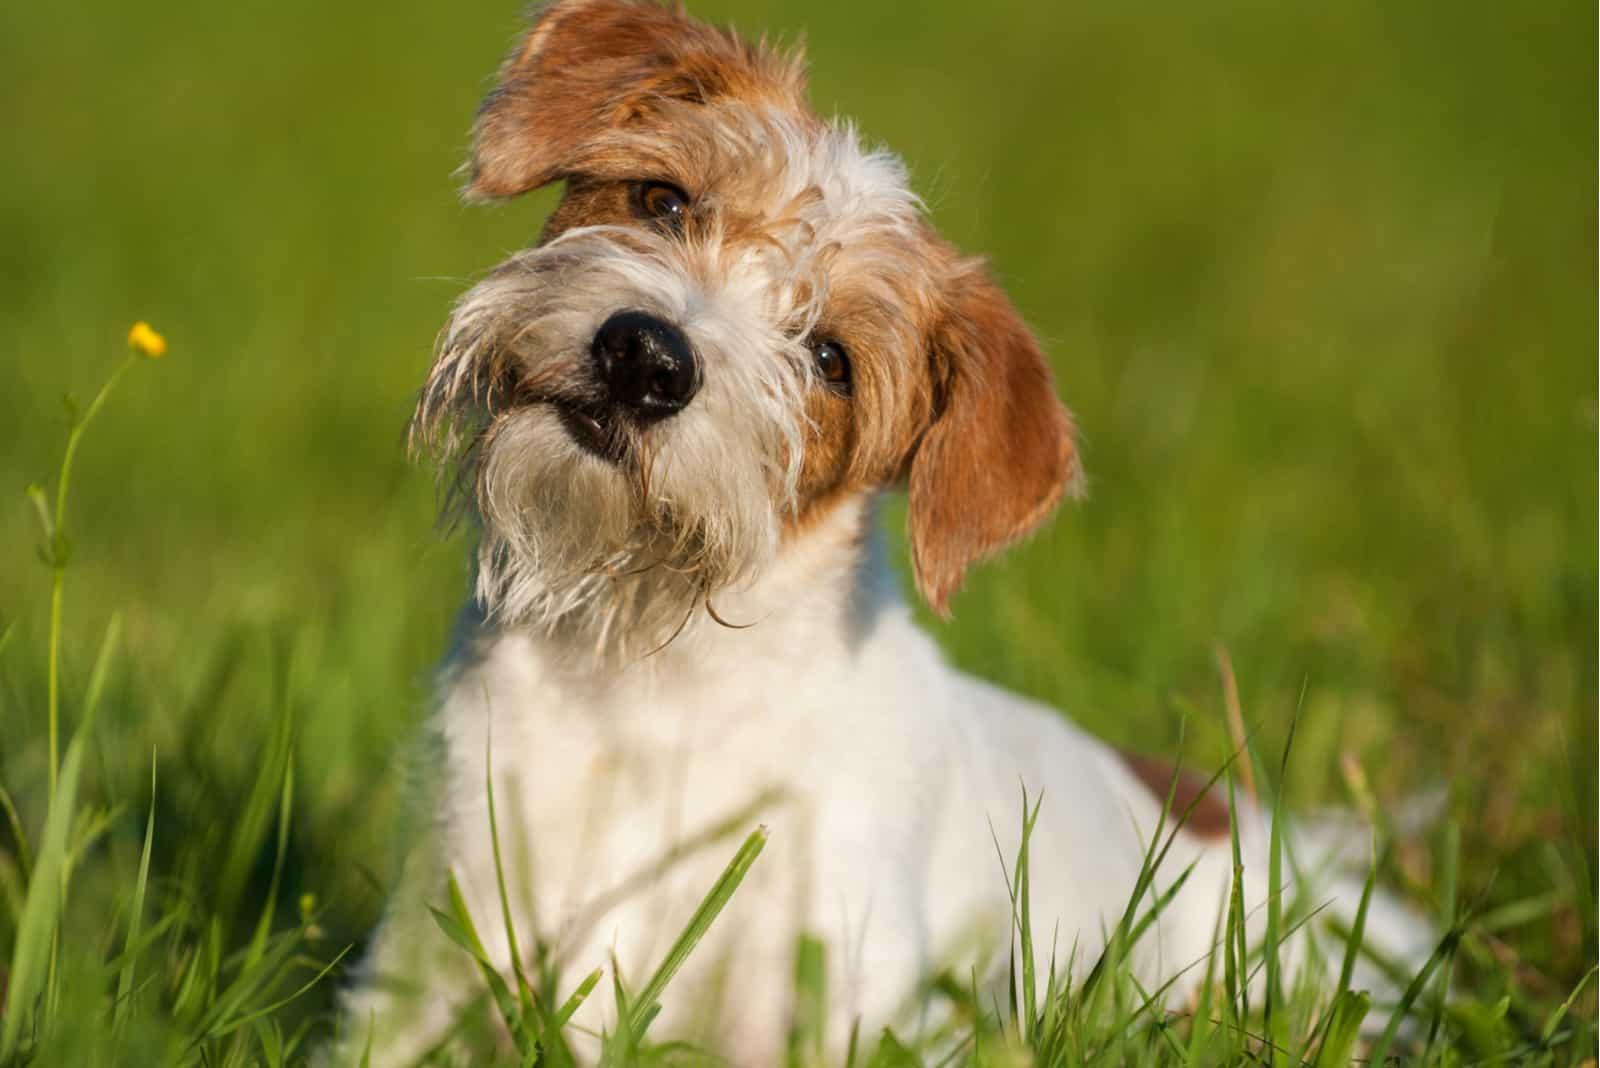 Kromfohrländer Hund auf einer Wiese